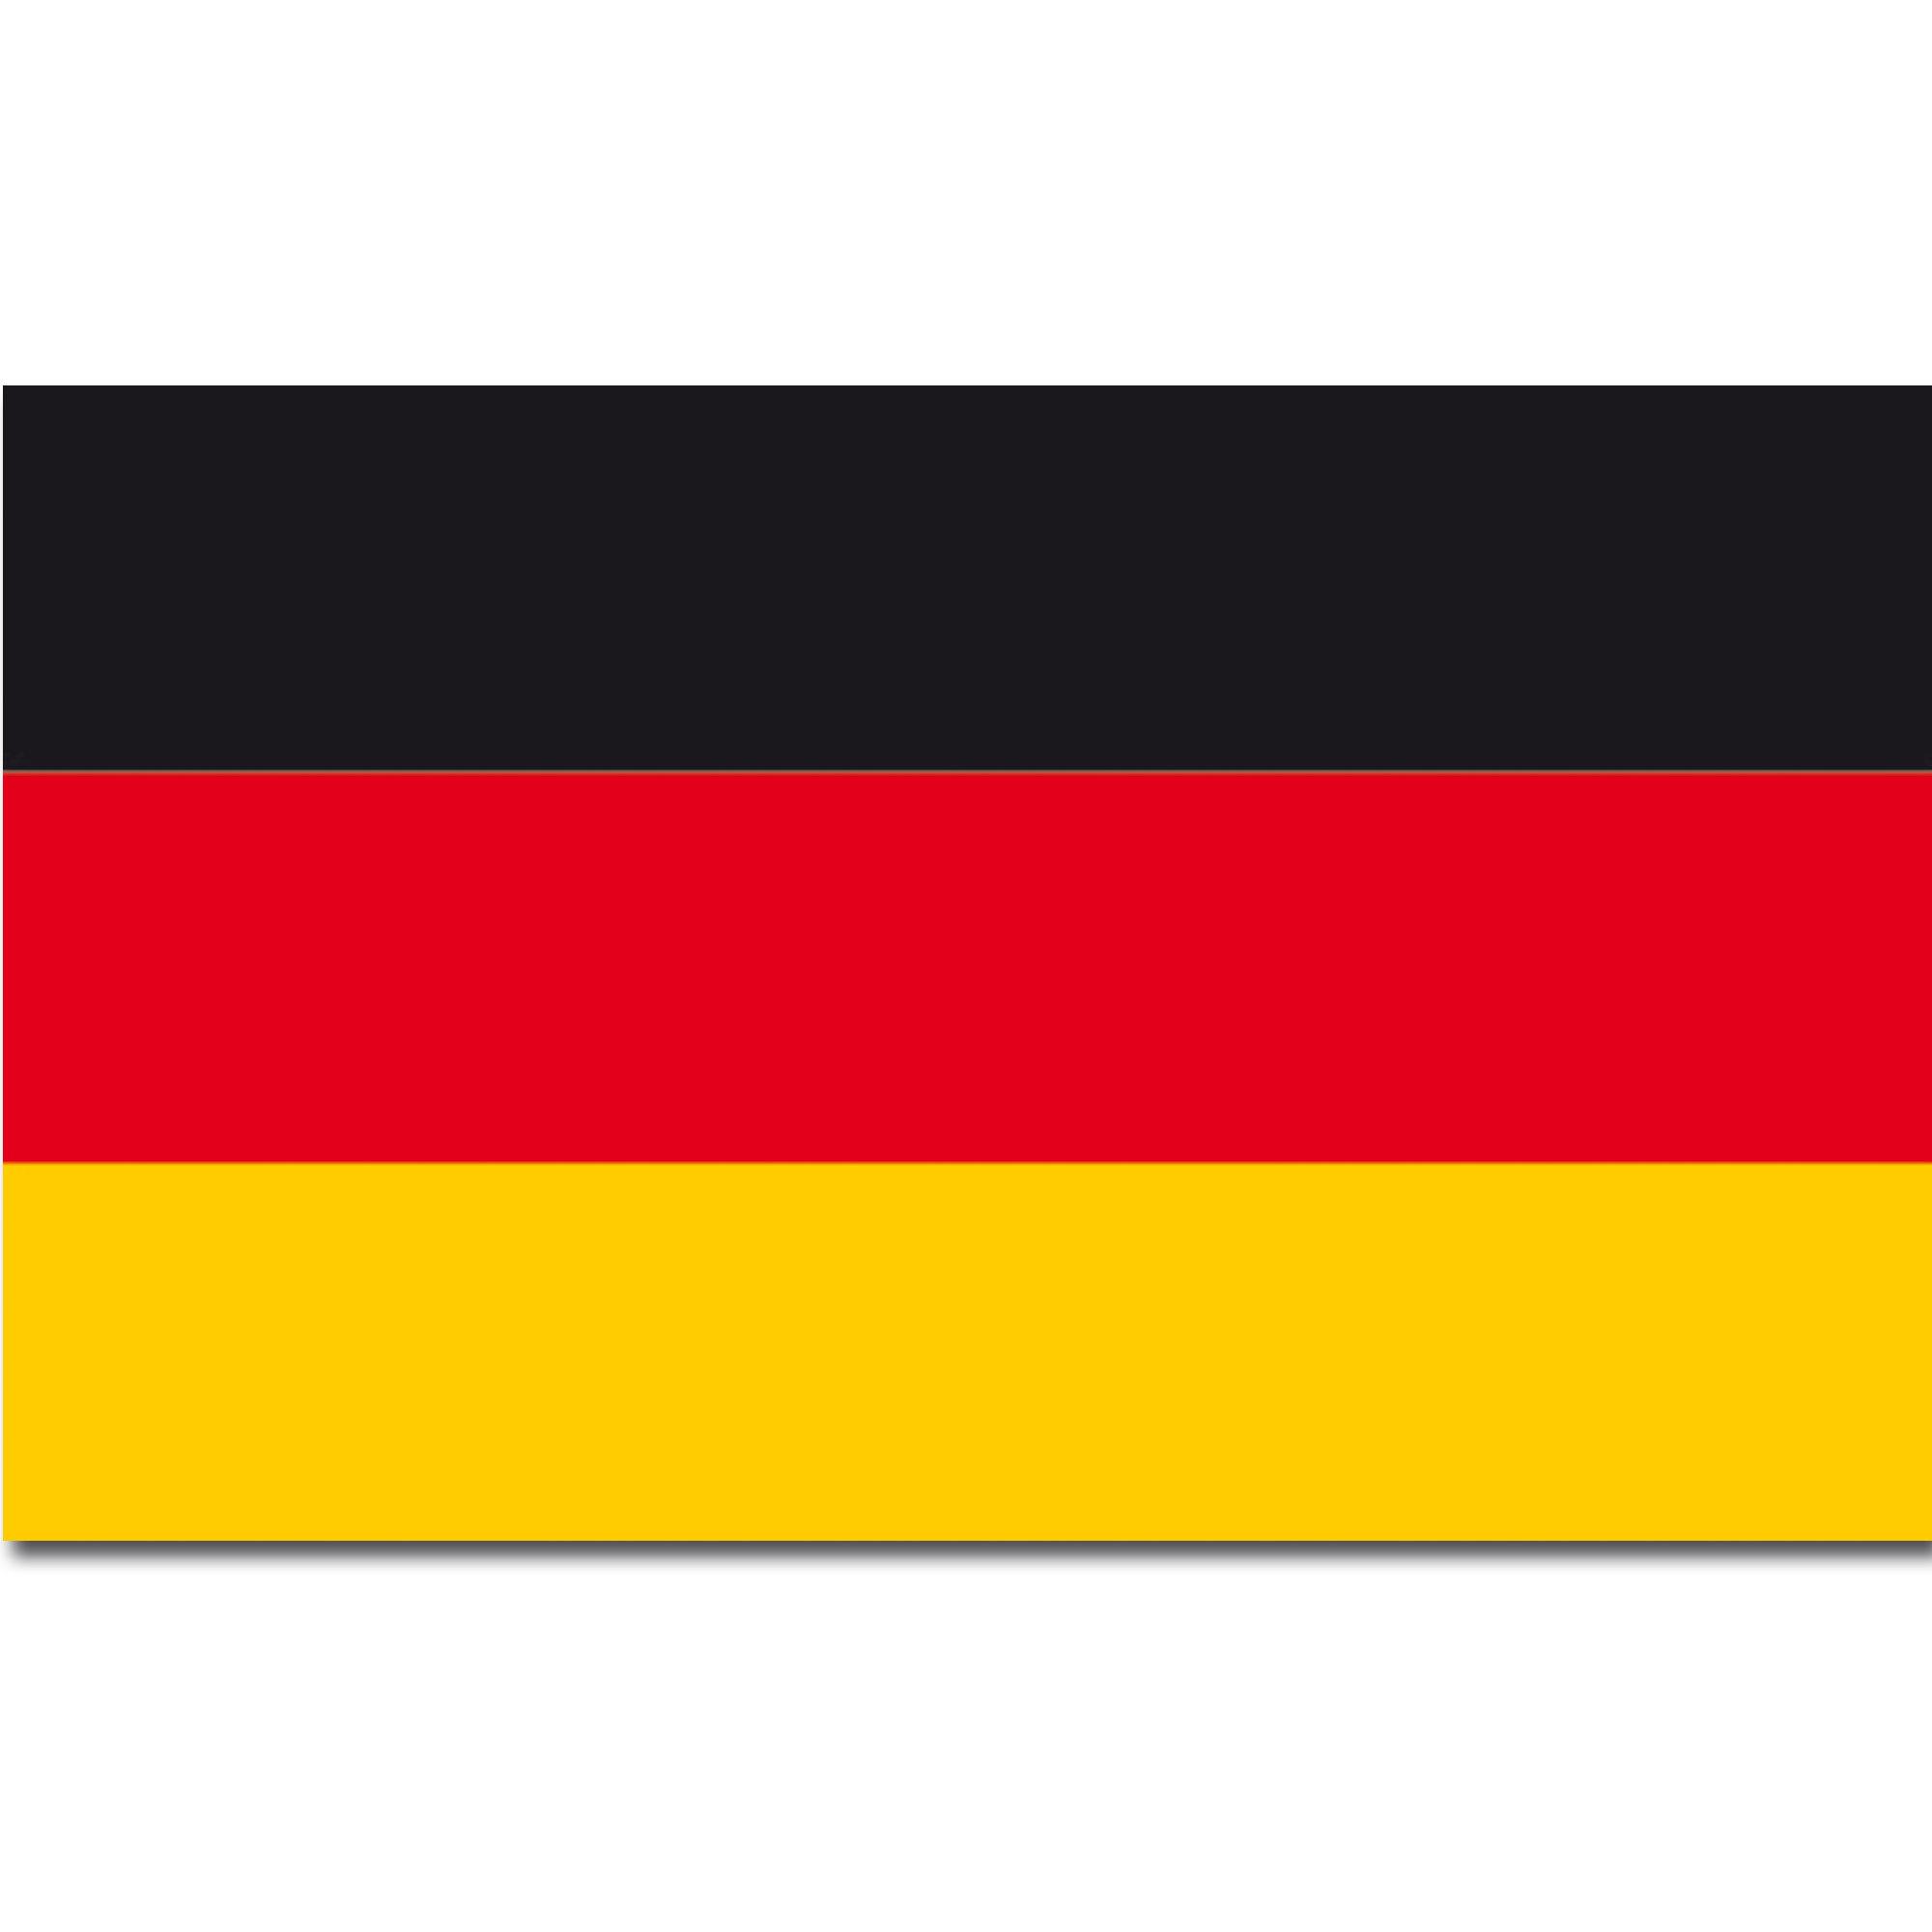 основе картинки с немецким флагом и гербом держит персик, тыкву